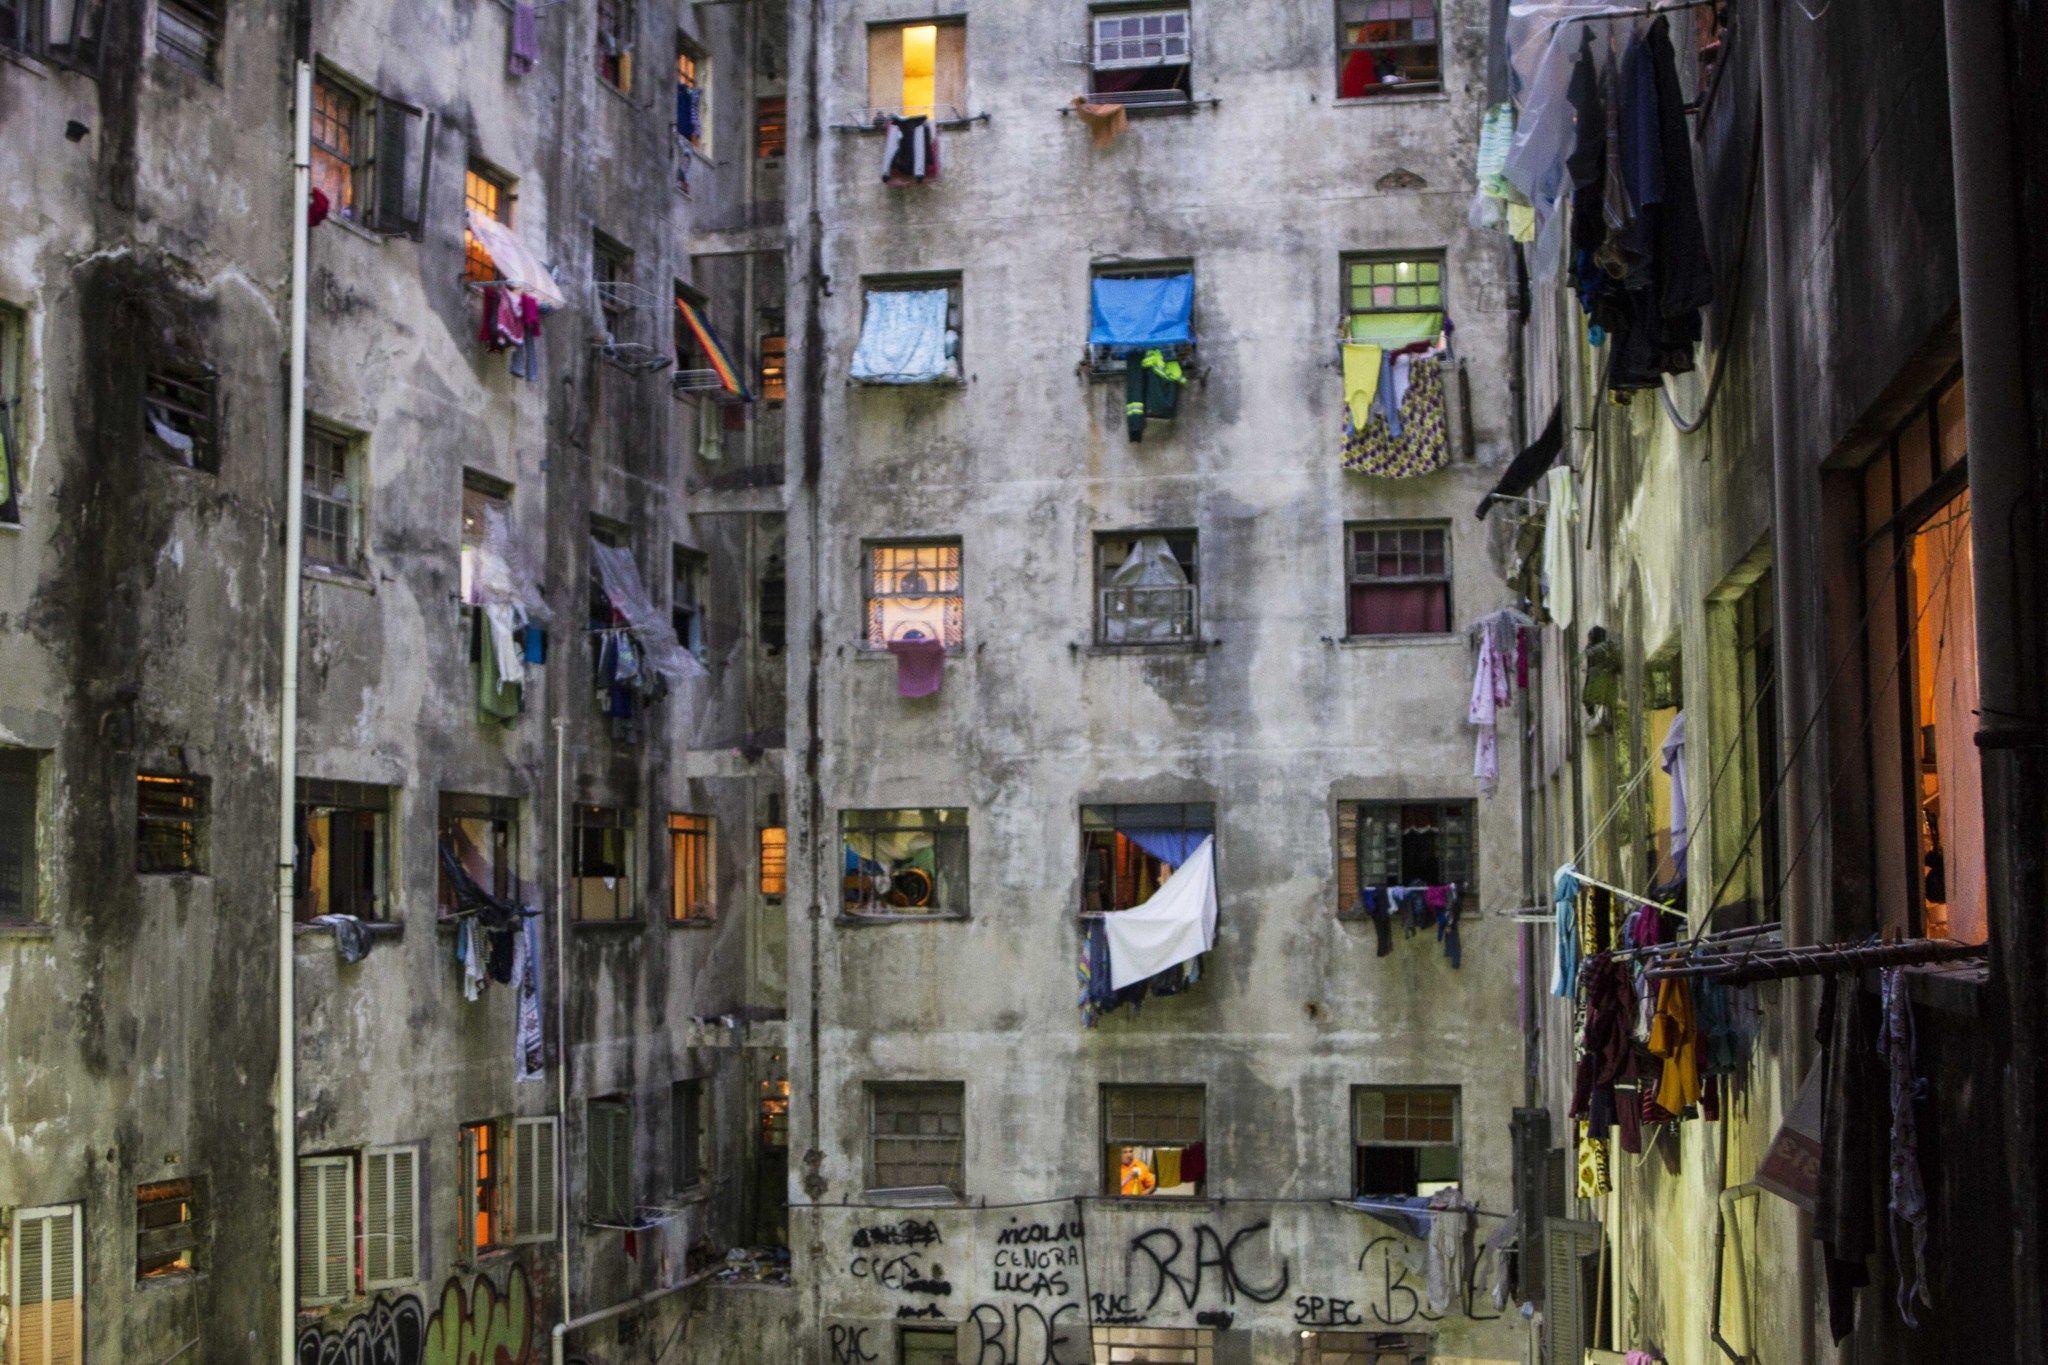 La búsqueda de una vivienda en edificios abandonados - Vista del patio interior de la ocupación de la calle Mauá, en el centro de la capital paulista.